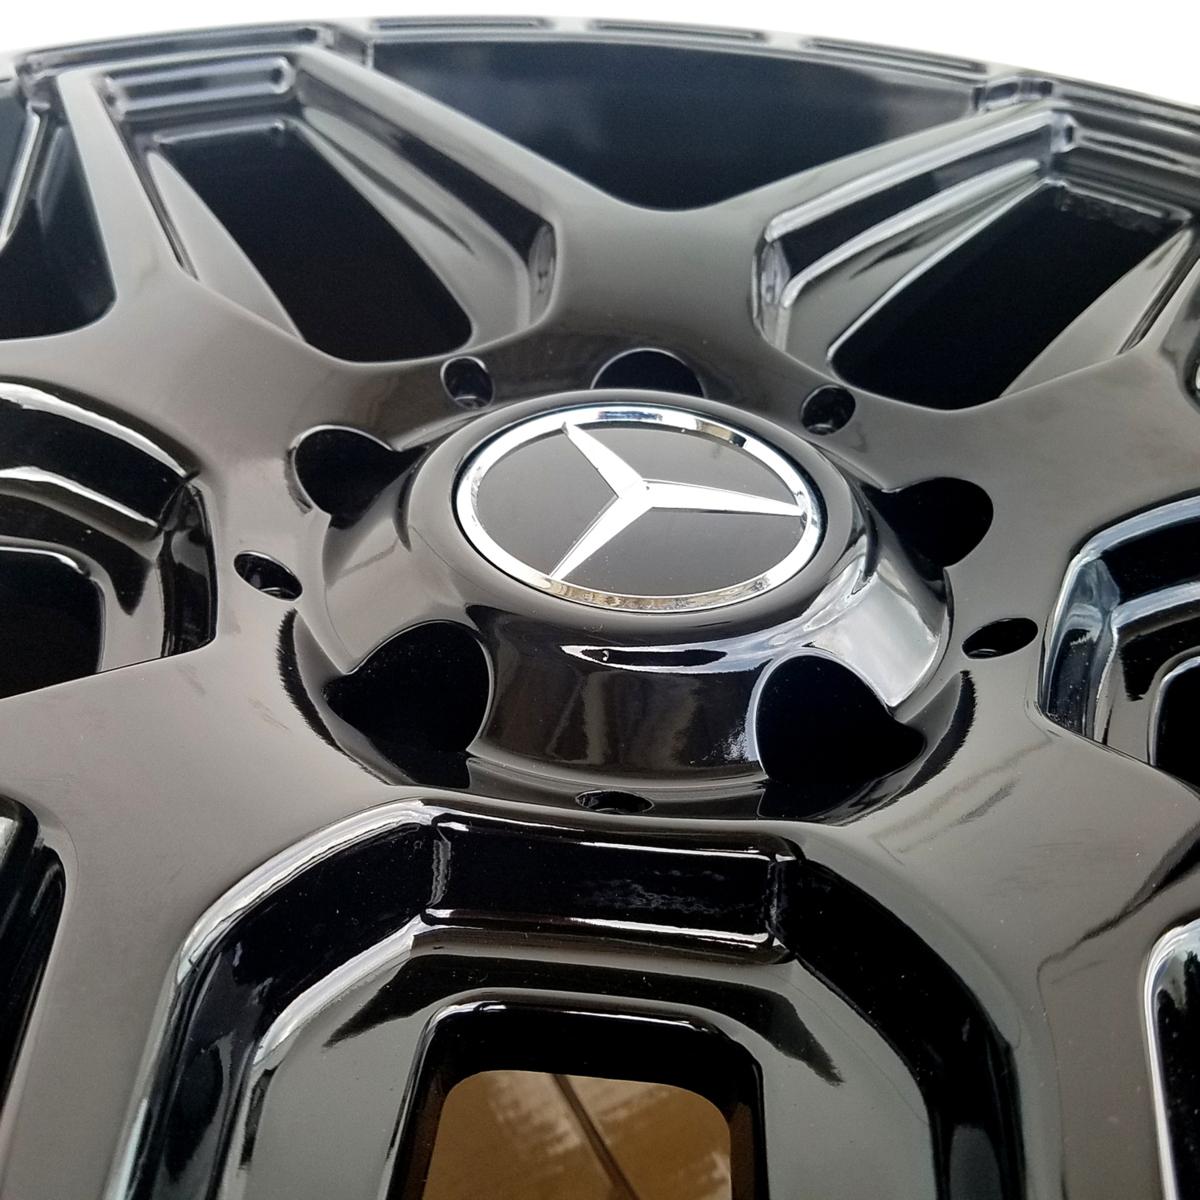 国産タイヤset LEXXEL Anthem メルセデス ベンツ Gクラス ゲレンデ G63 G65 G550 G500 G350 ファルケン S/TZ05 285/45R22 22インチ_画像6